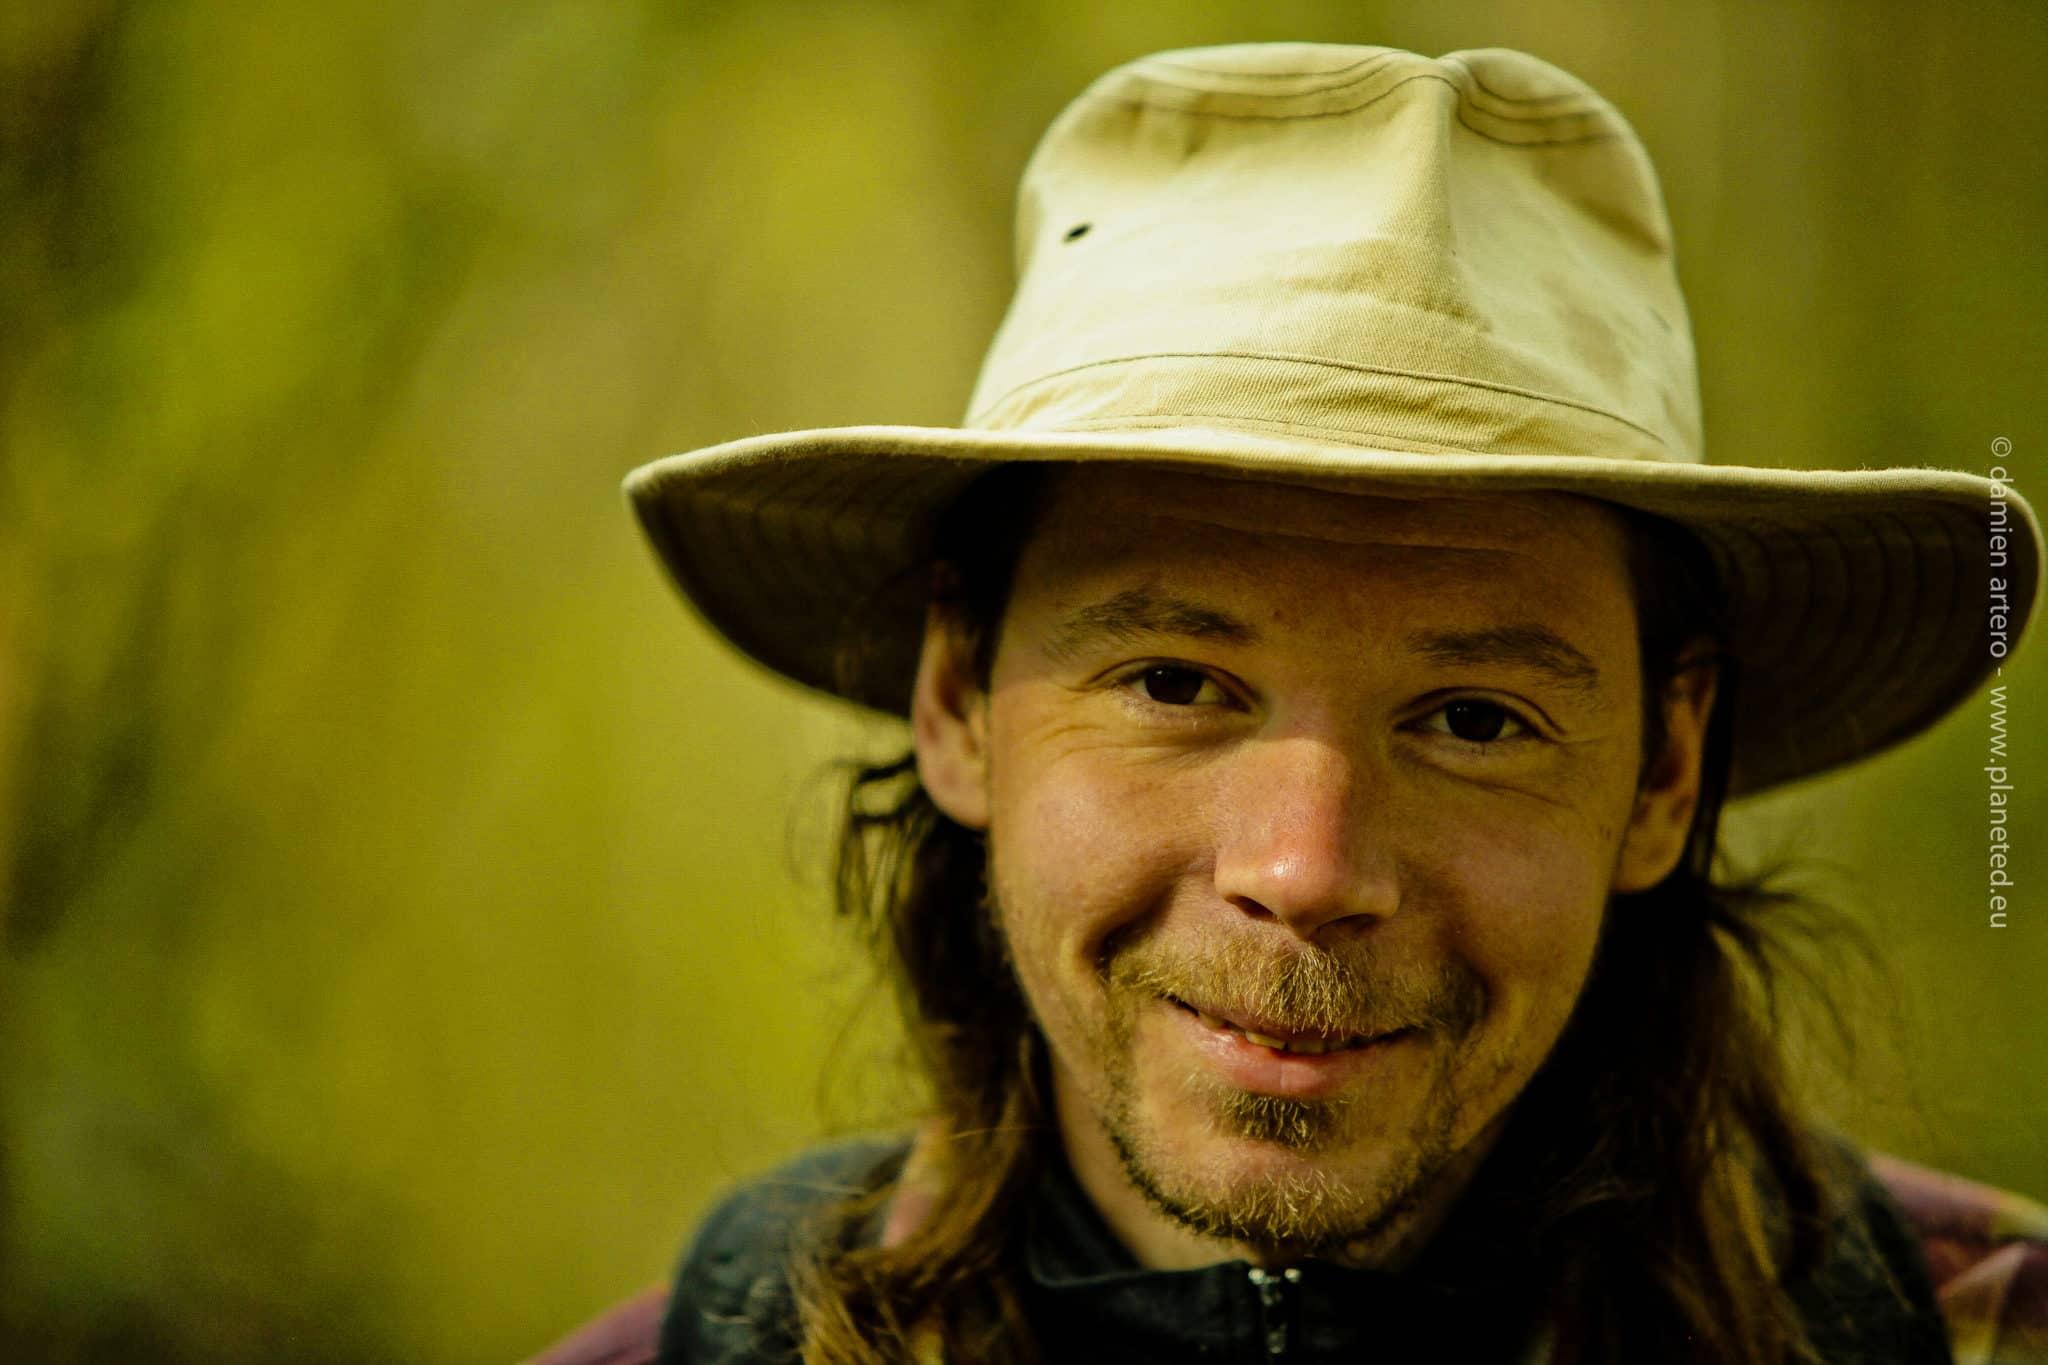 Florian Gomet, aventurier et coureur, photo par Damien Artero